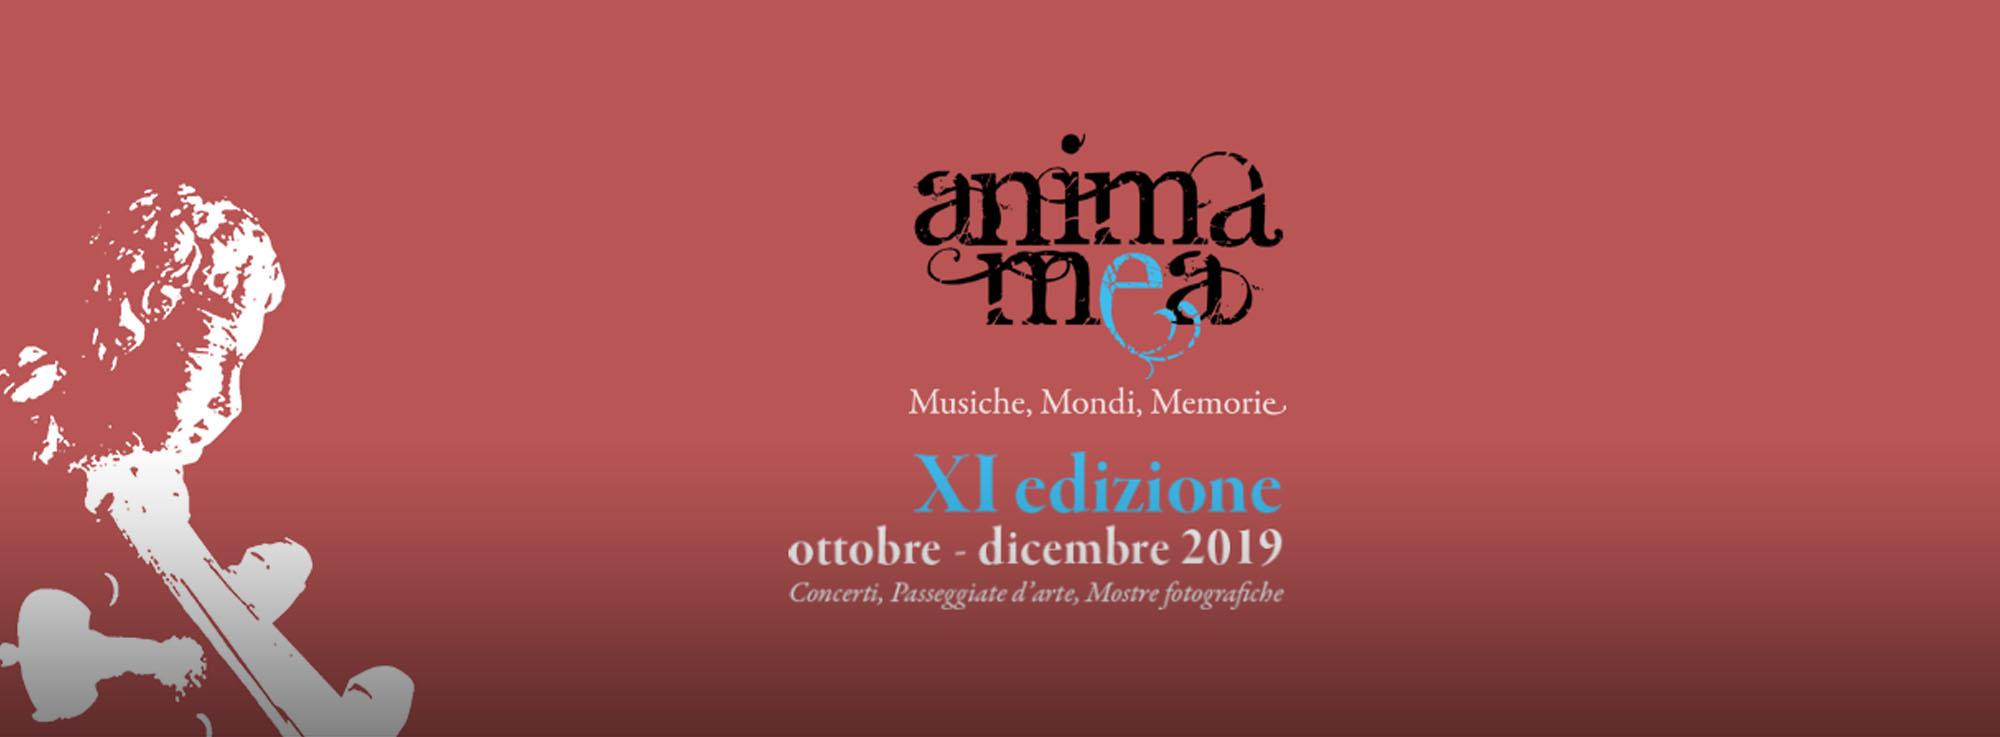 Bari, Palo del Colle, Bitetto, Molfetta, Barletta: Anima Mea